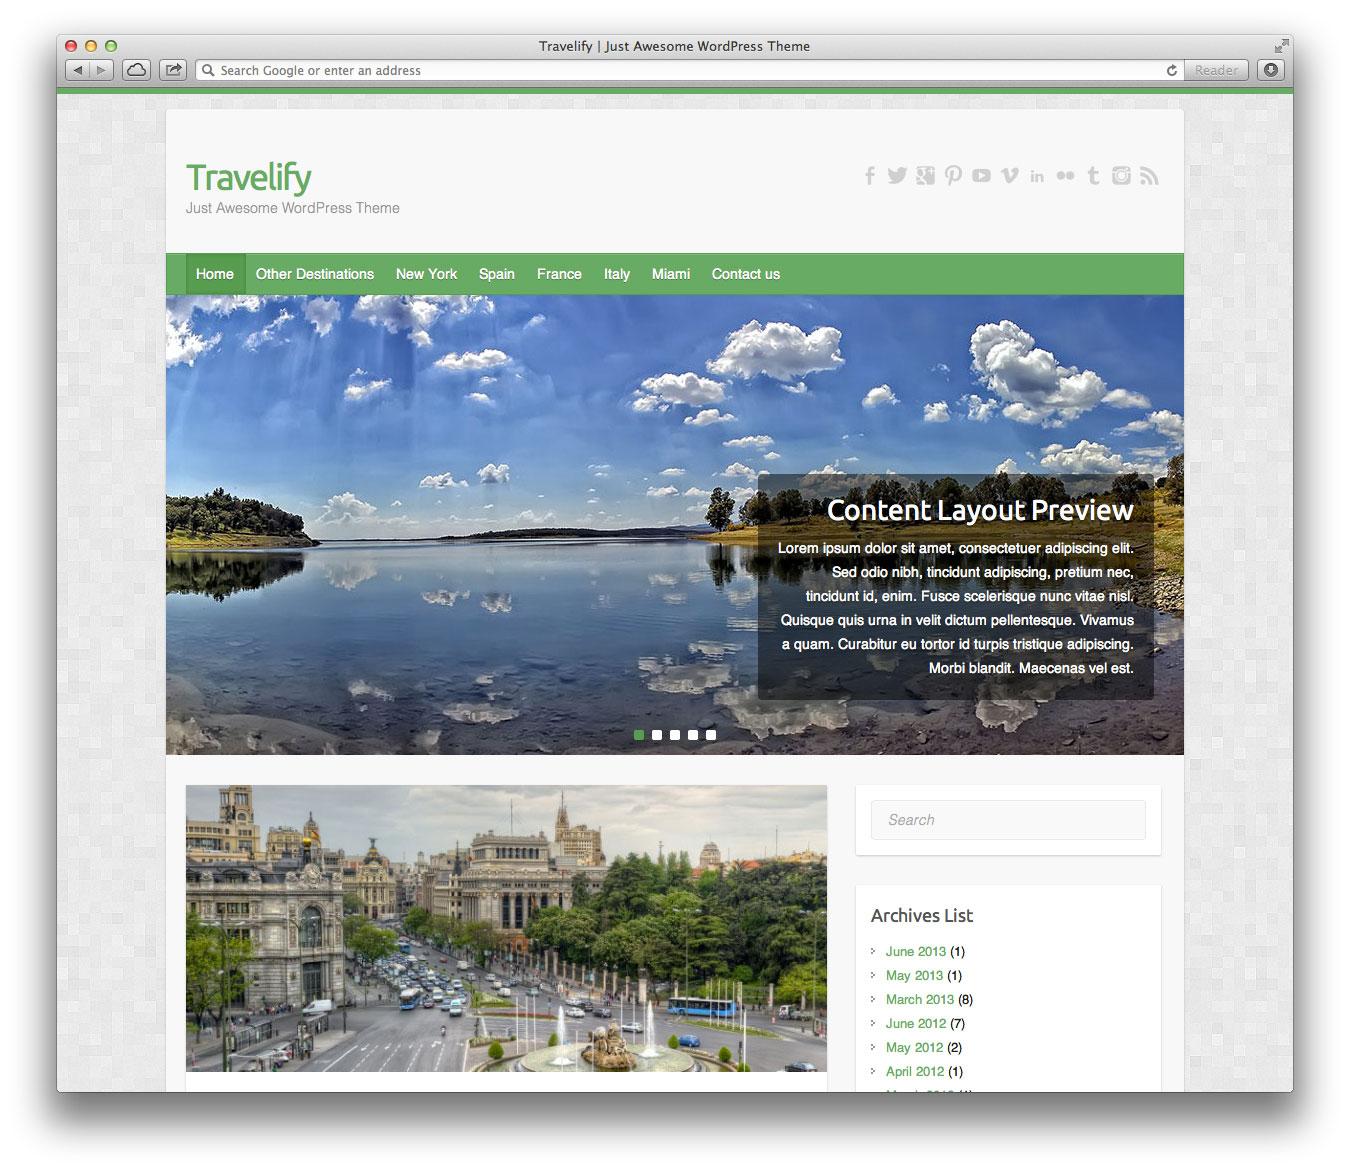 travelify desktop preview